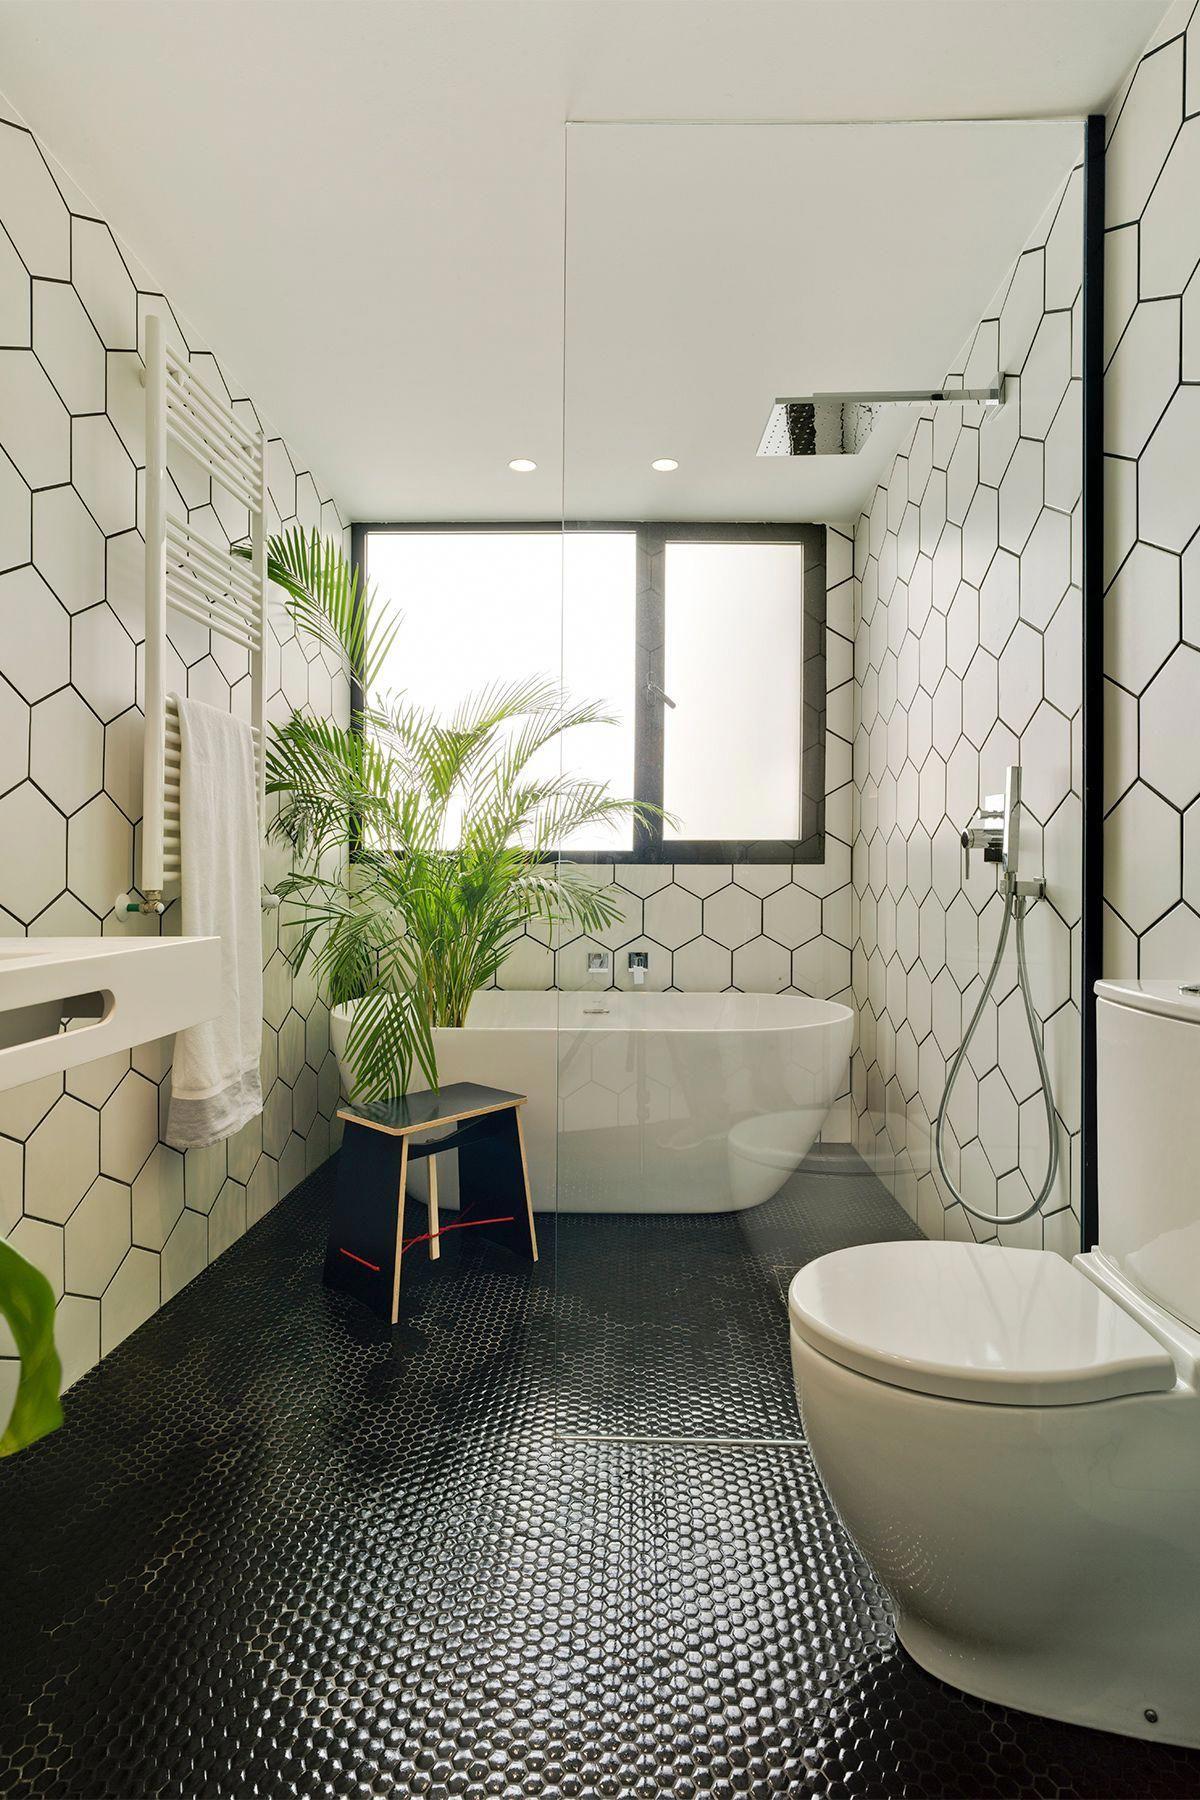 Bathroom Mold Simple Bathroommoldfloor Bathroommold Smallbathroommold Bathroom Interior Design White Bathroom All White Bathroom